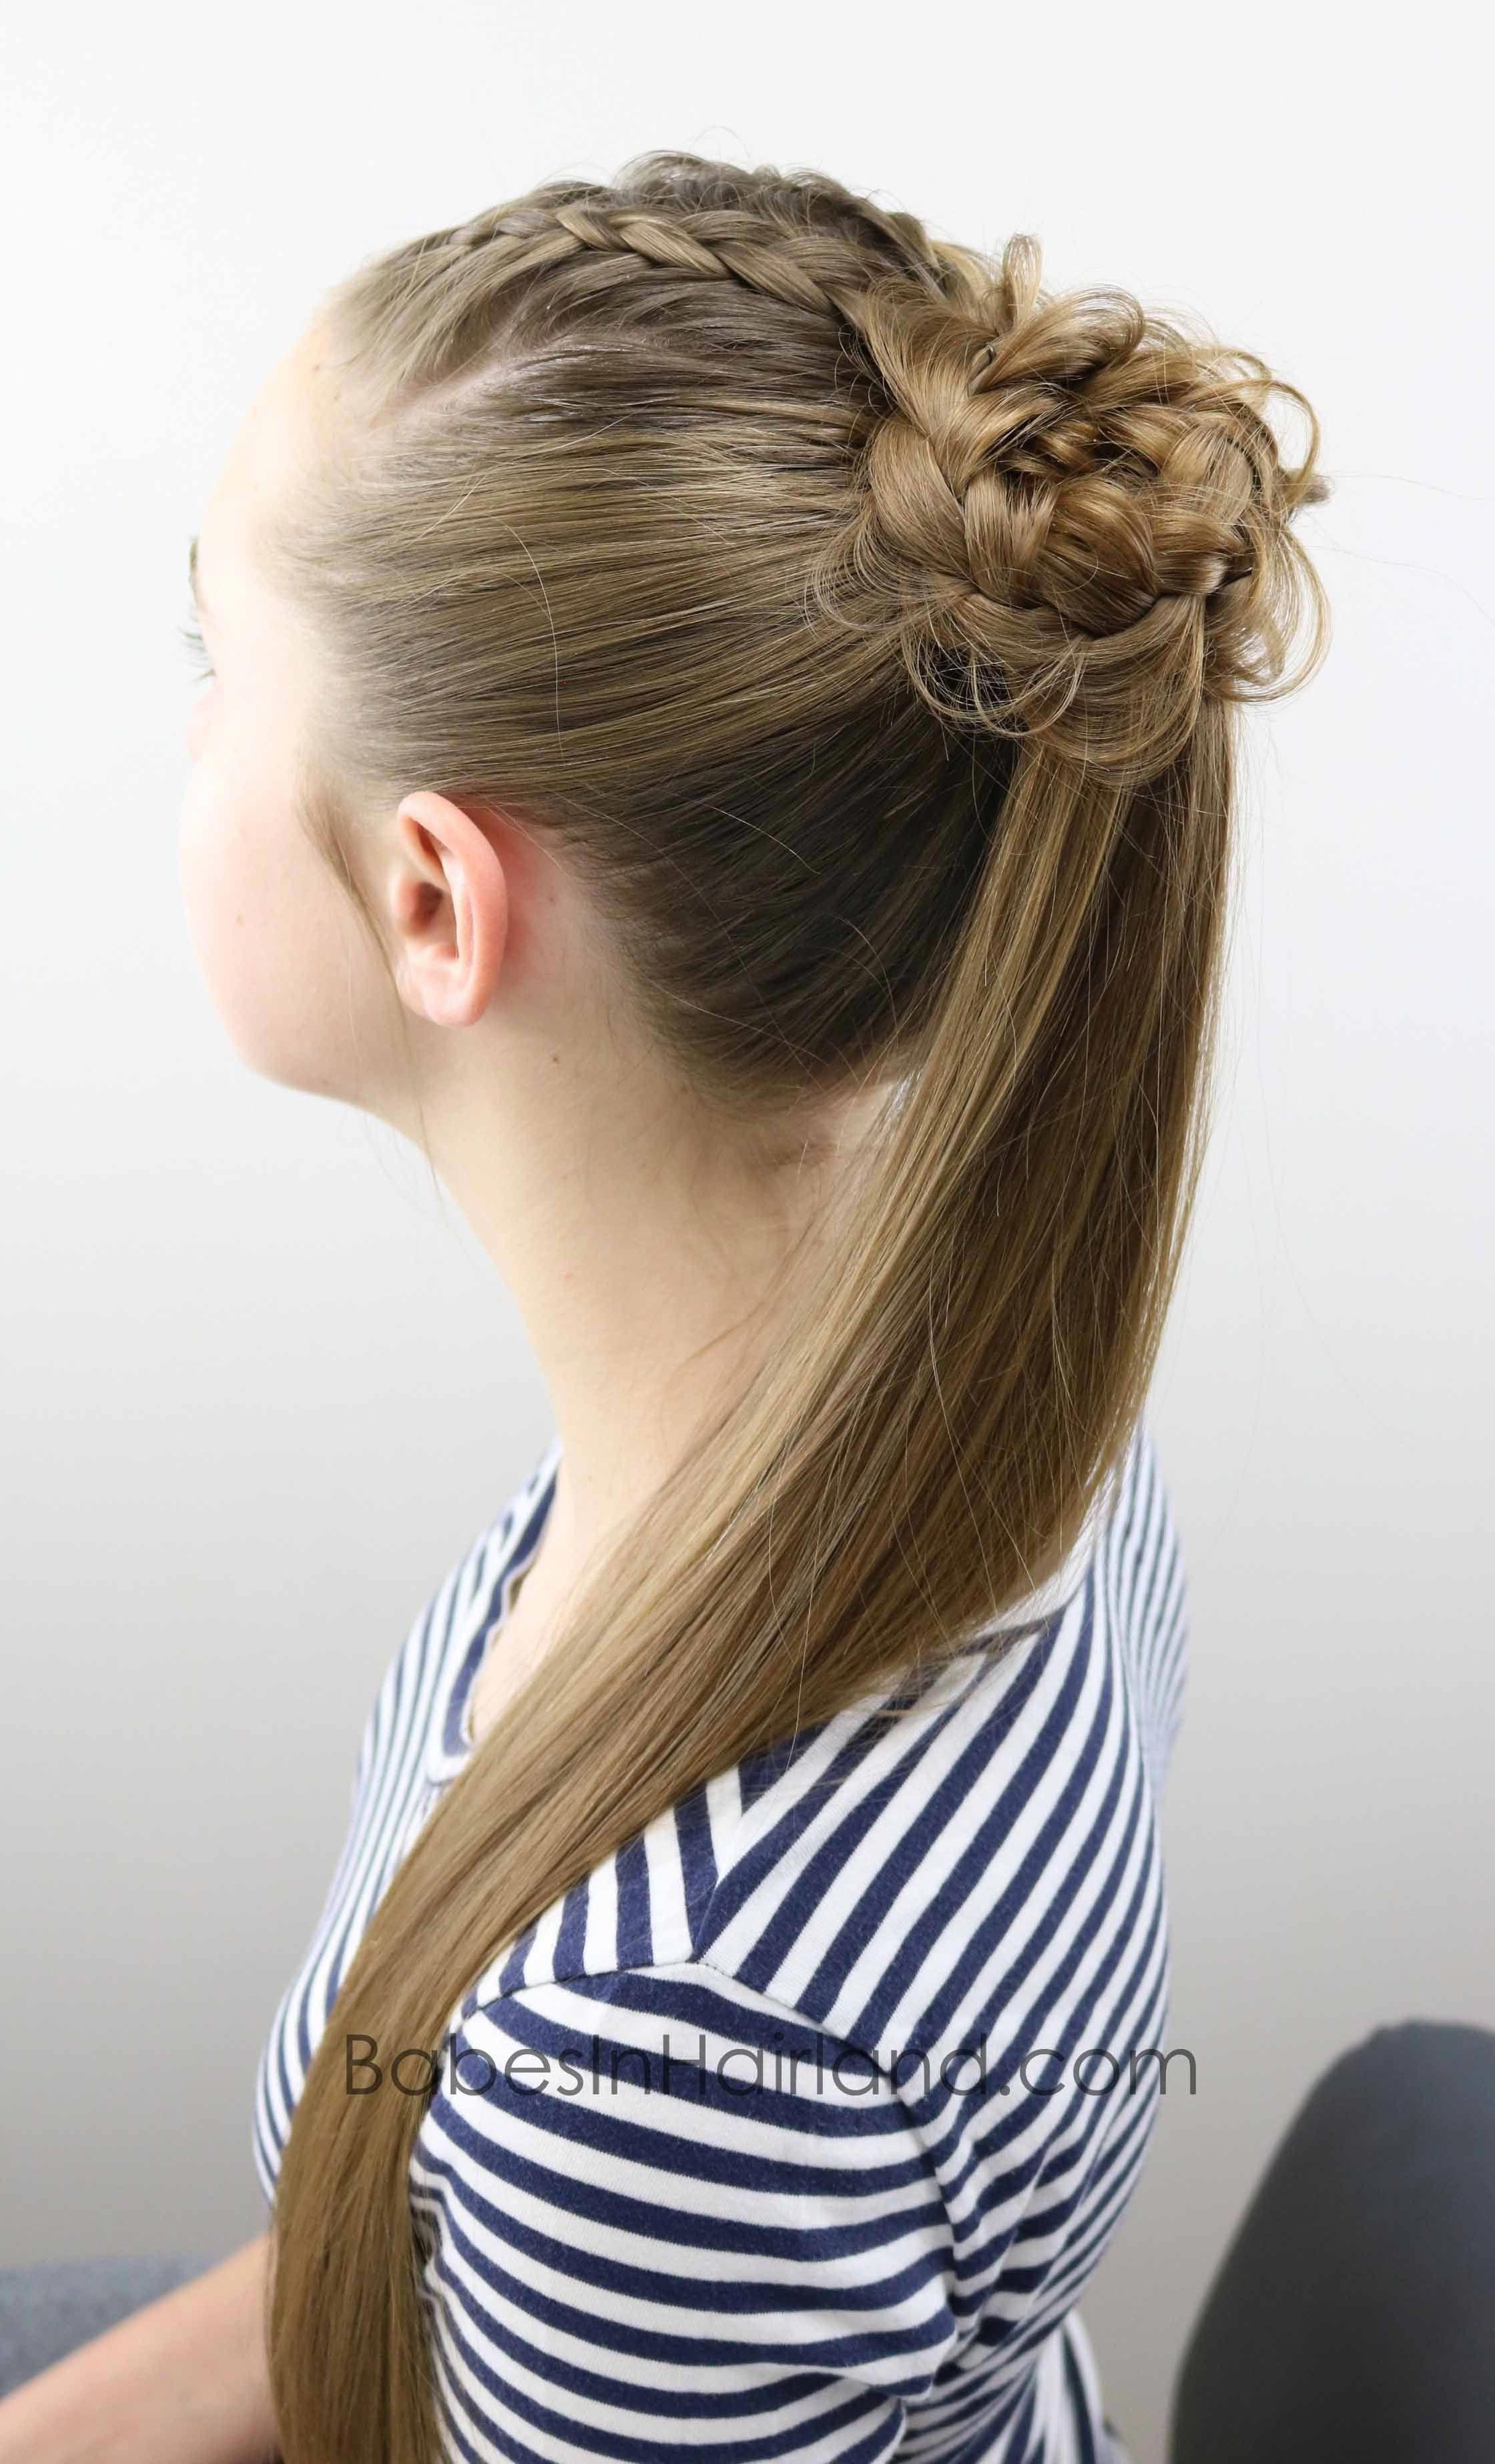 Start With 2 Basic Dutch Braids And Create 5 Different Cute And Easy Hairstyles From Babesinhairl Geflochtene Haare Frisuren Einfach Geflochtener Dutt Frisuren